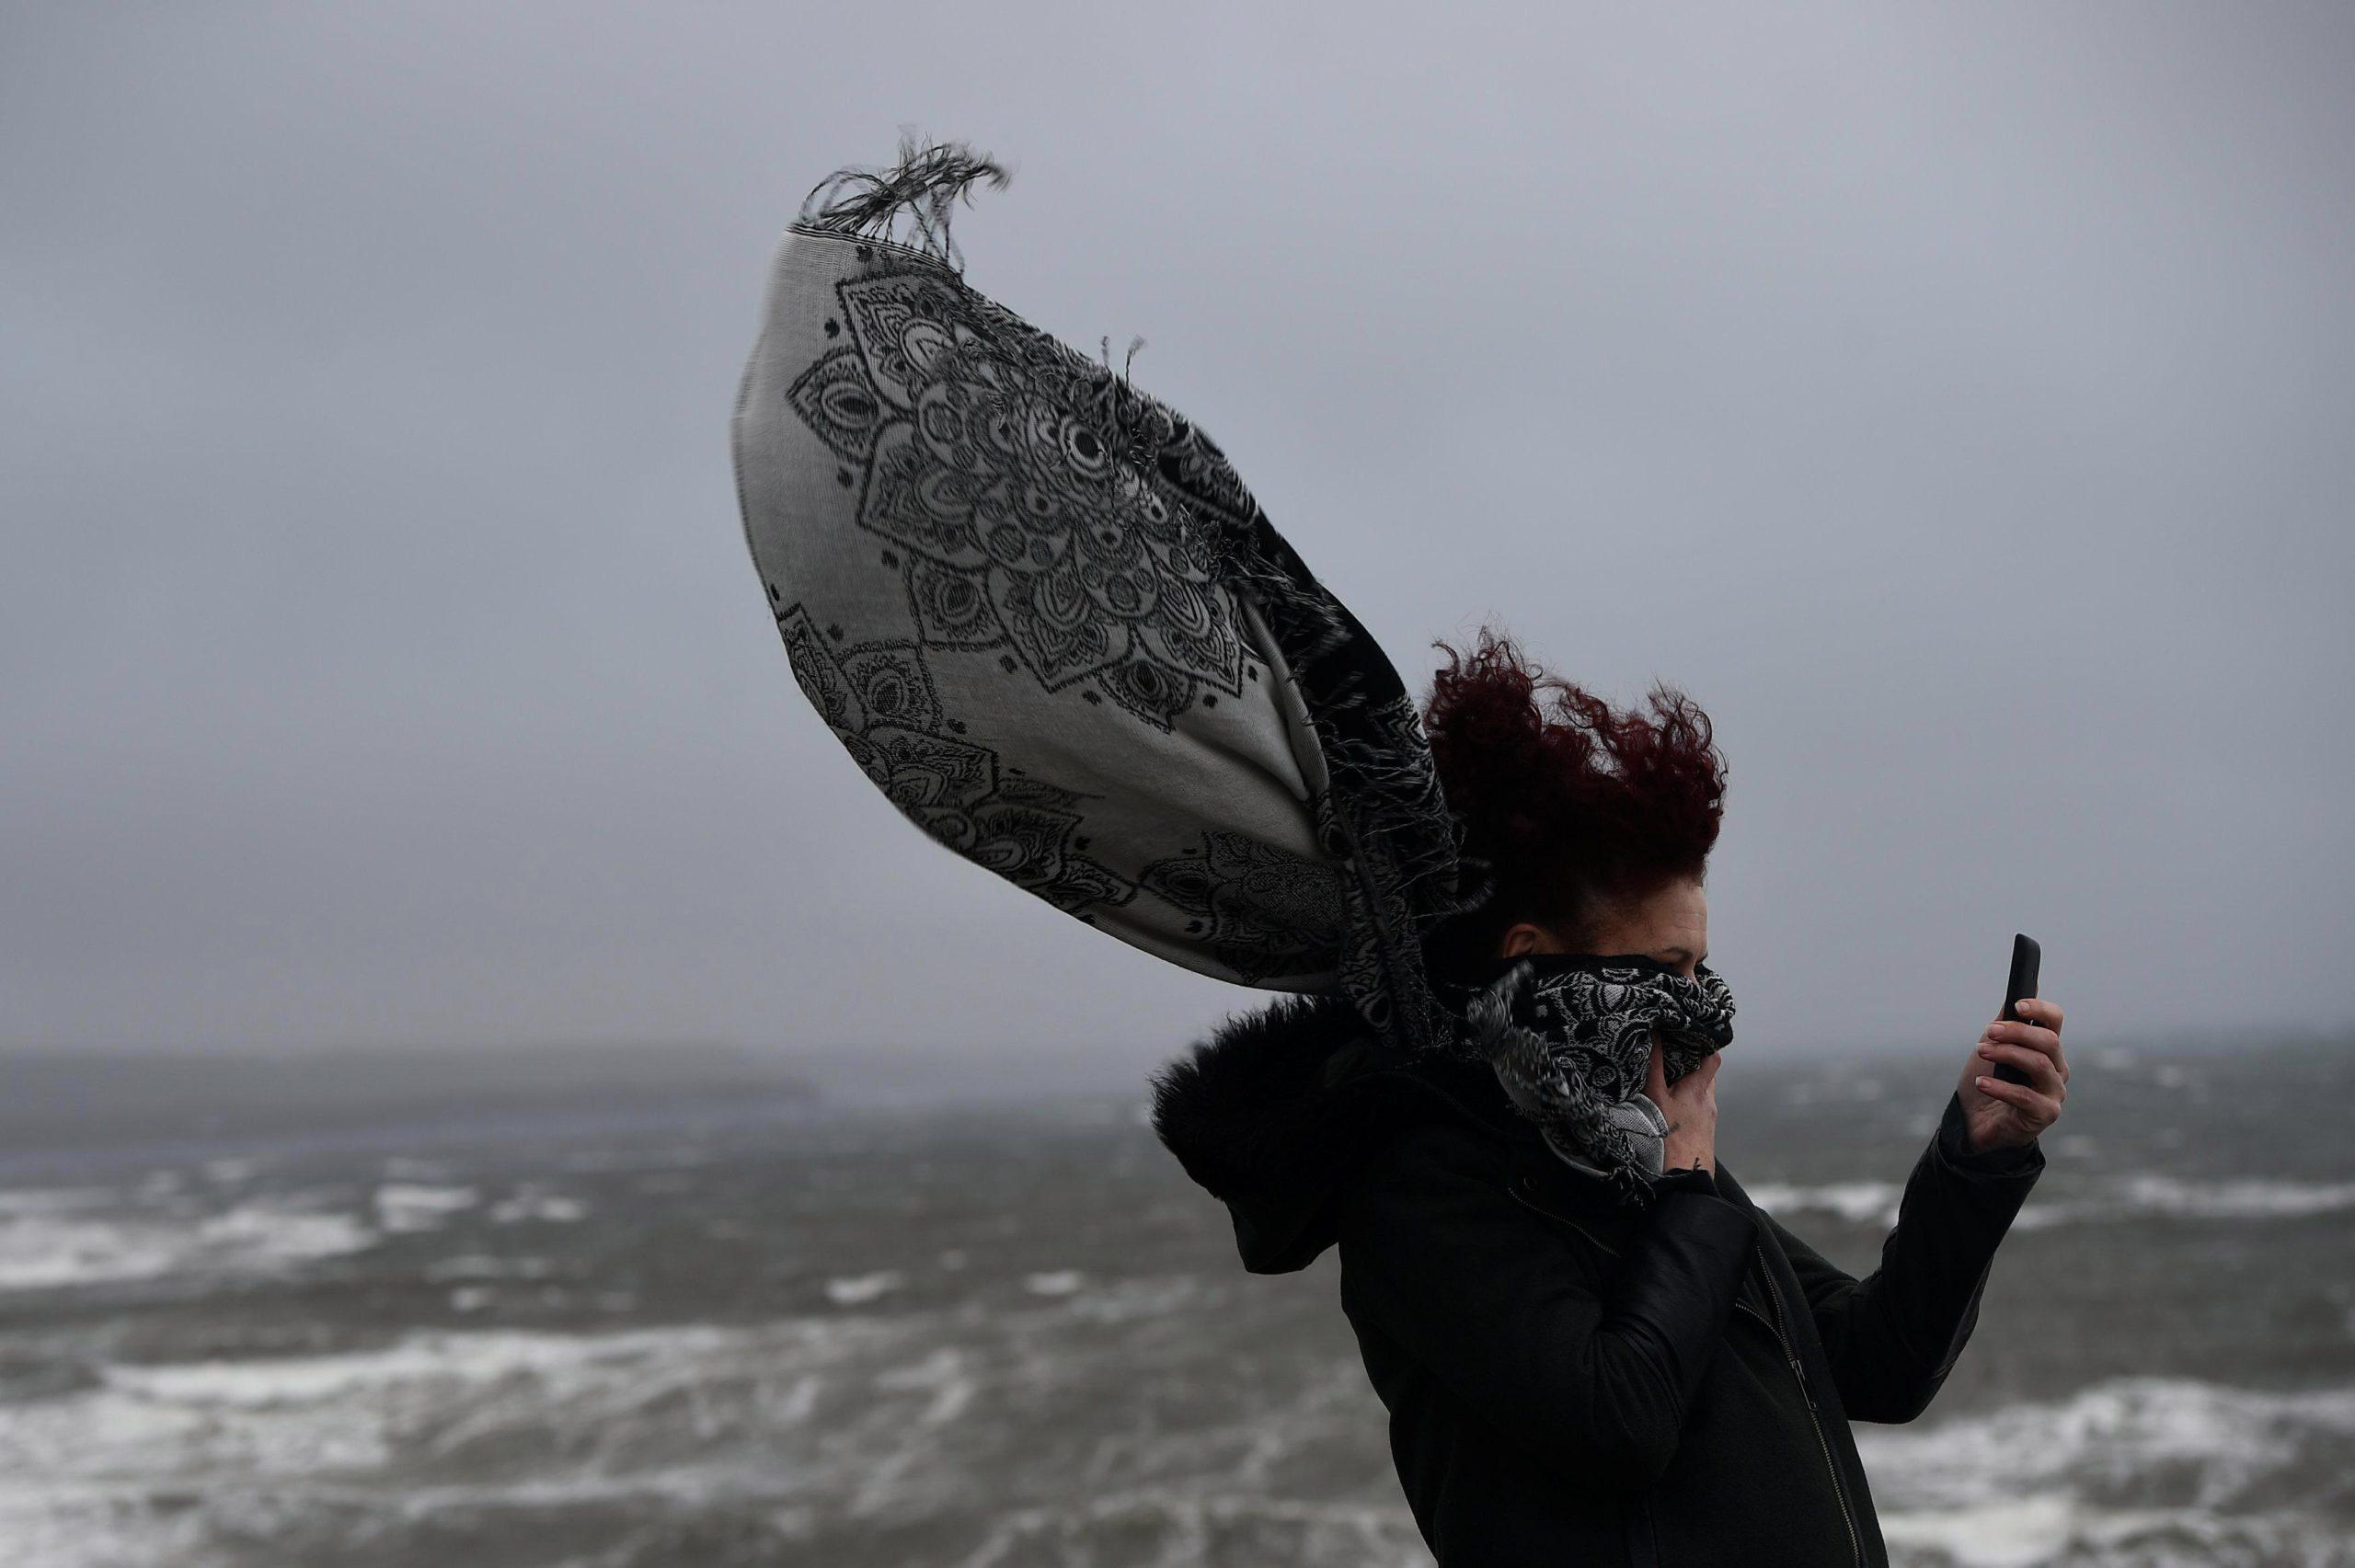 Места для селфи в Ирландии: шутка или недалекое будущее